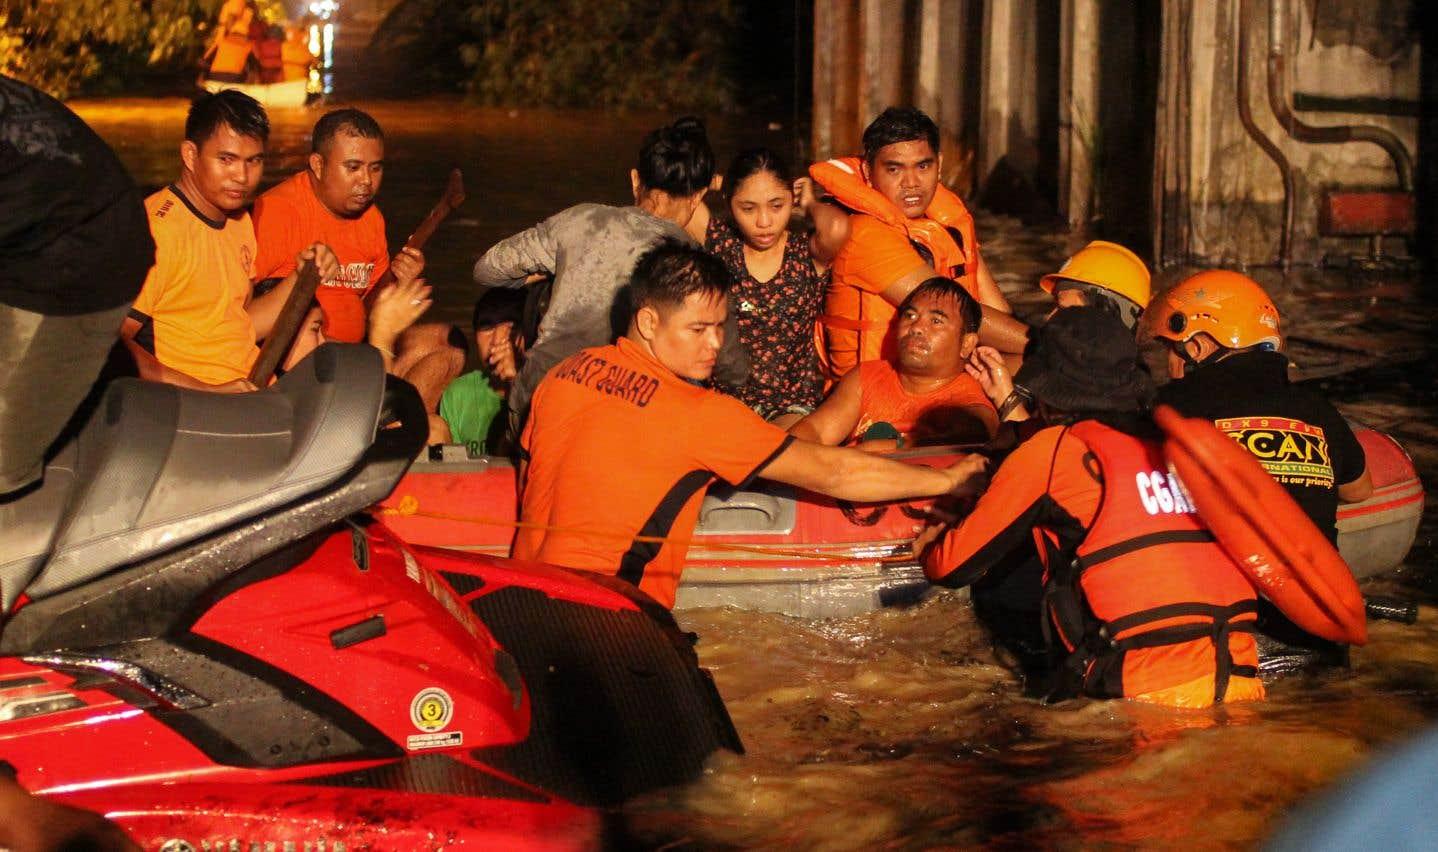 Des secouristes évacuent les résidents touchés par les inondations à Davao, sur l'île de Mindanao, dans le sud des Philippines, samedi.